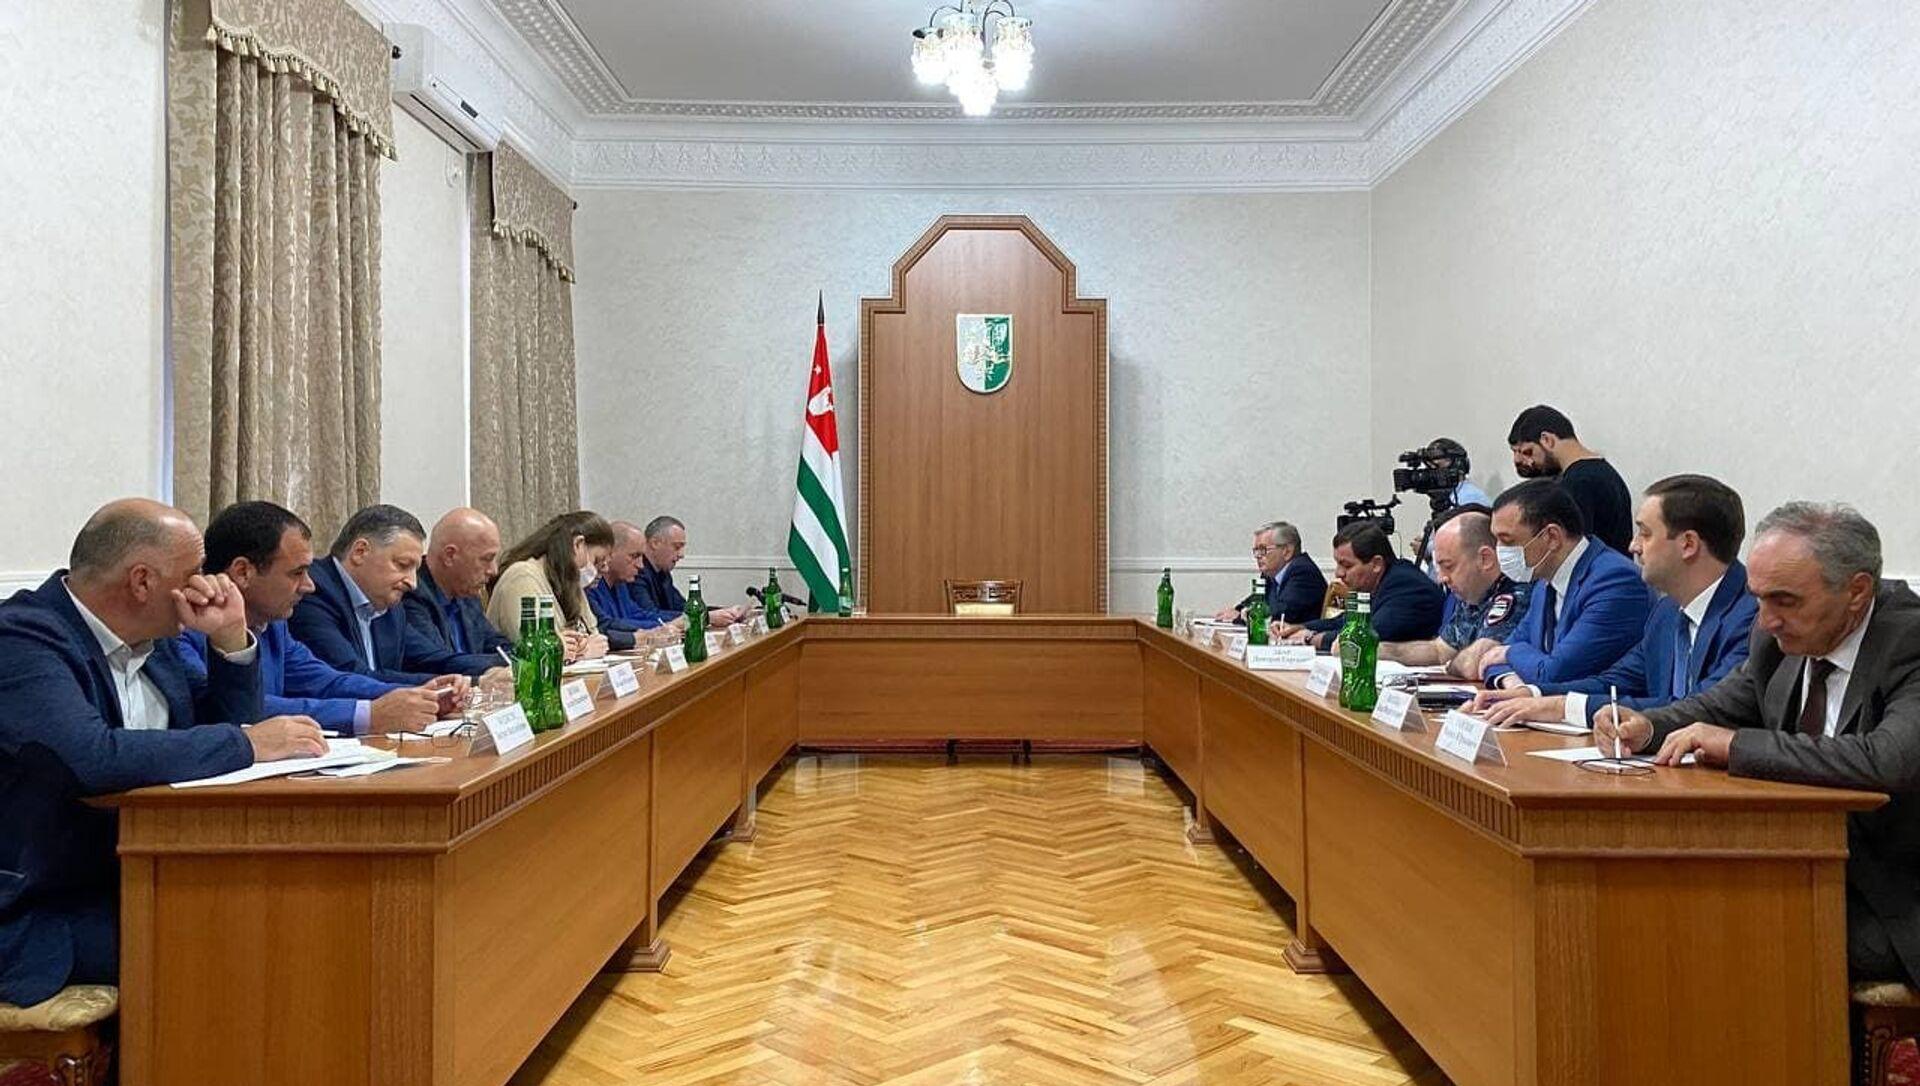 Совещание по организации выборов в Госдуму в Абхазии - Sputnik Абхазия, 1920, 13.09.2021